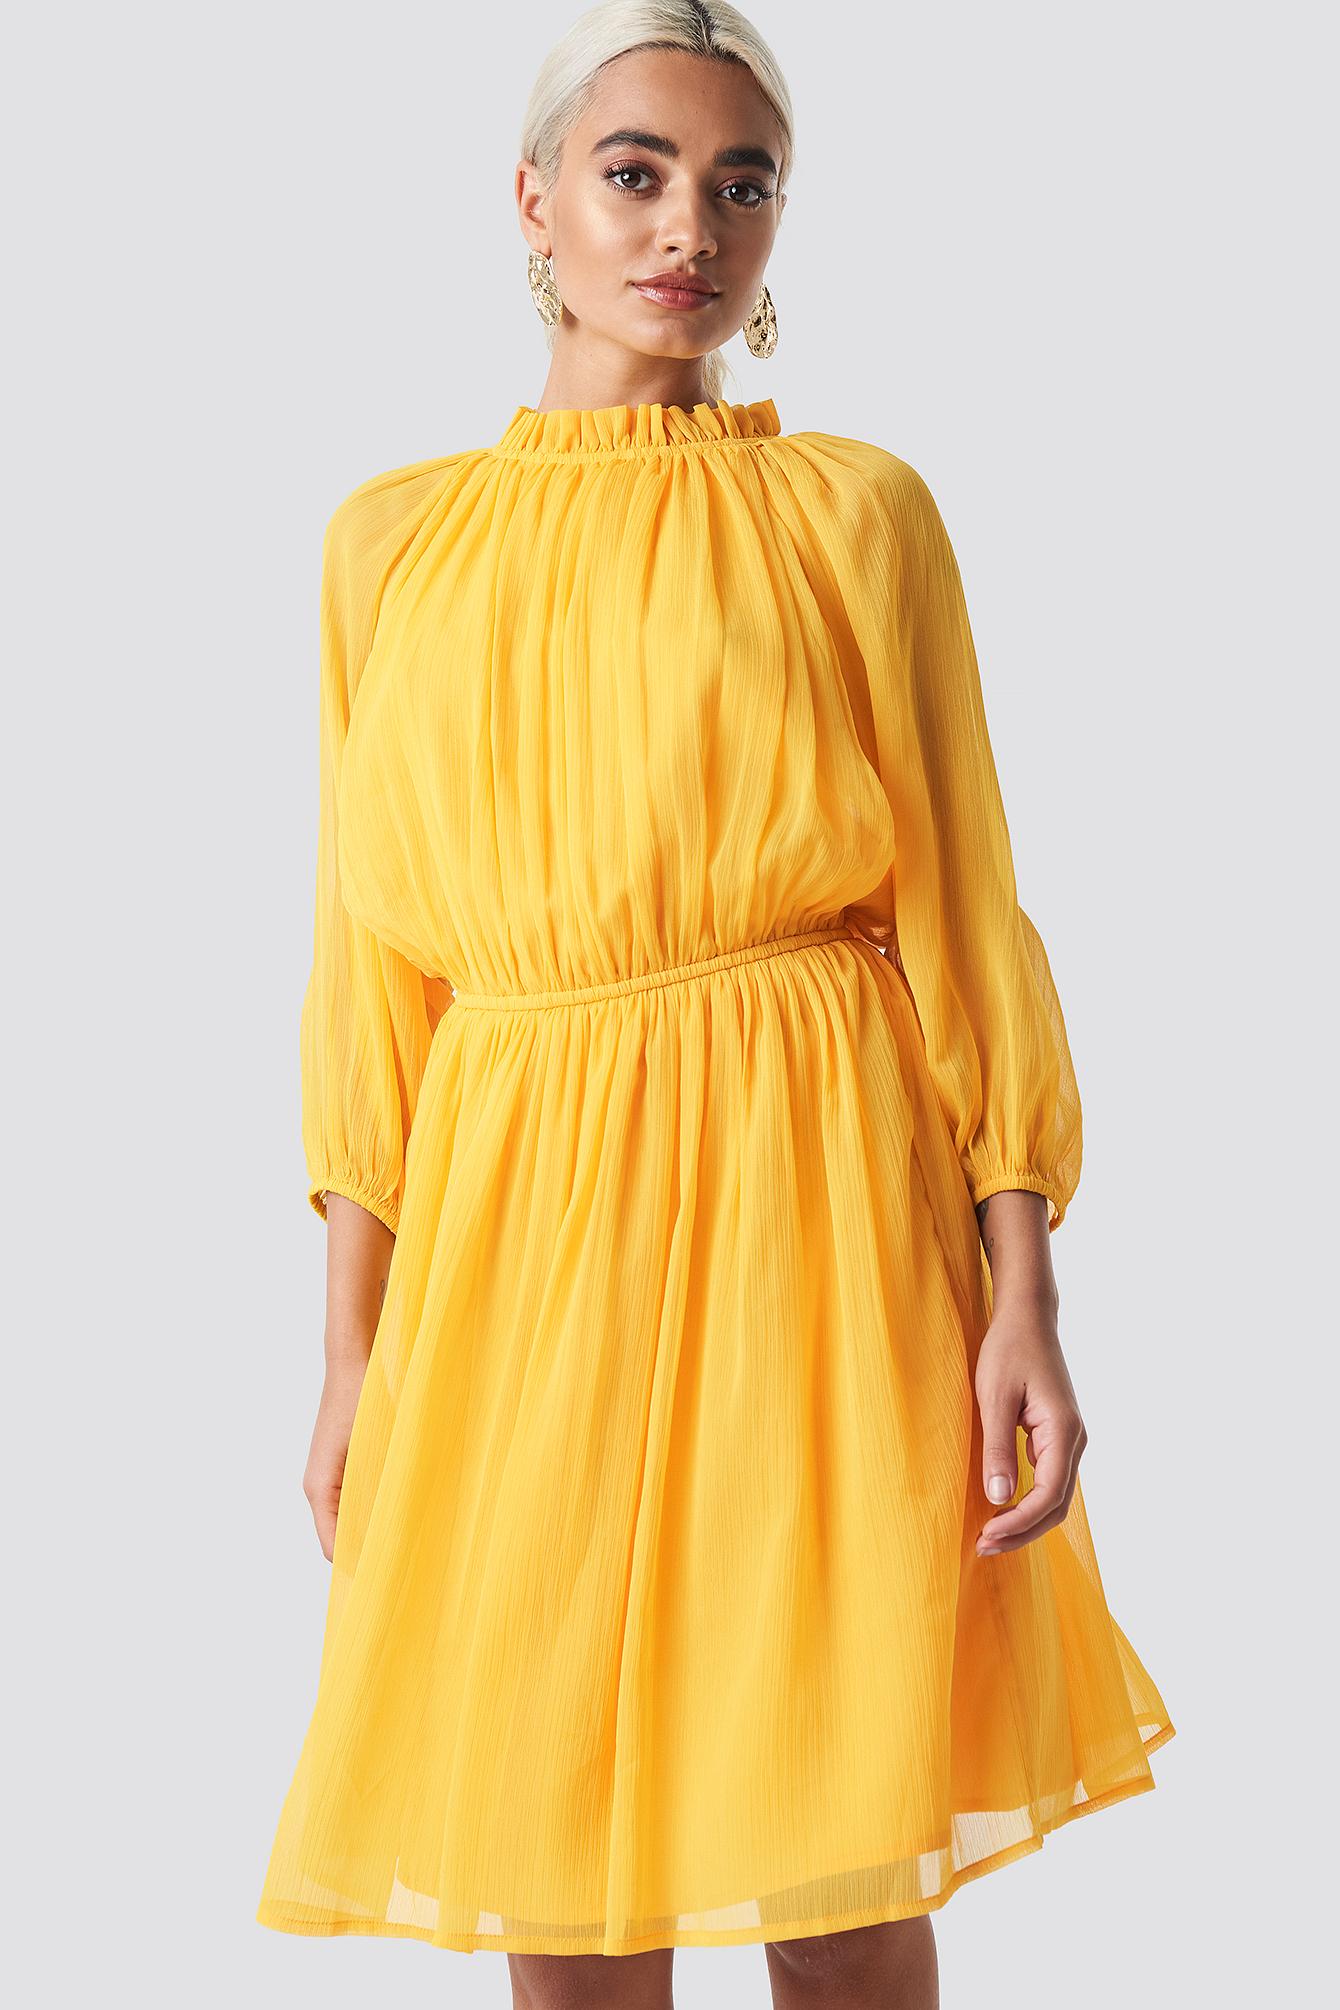 c0cfbd77d31d Na-Kd High Neck Elastic Waist Puff Dress - Yellow